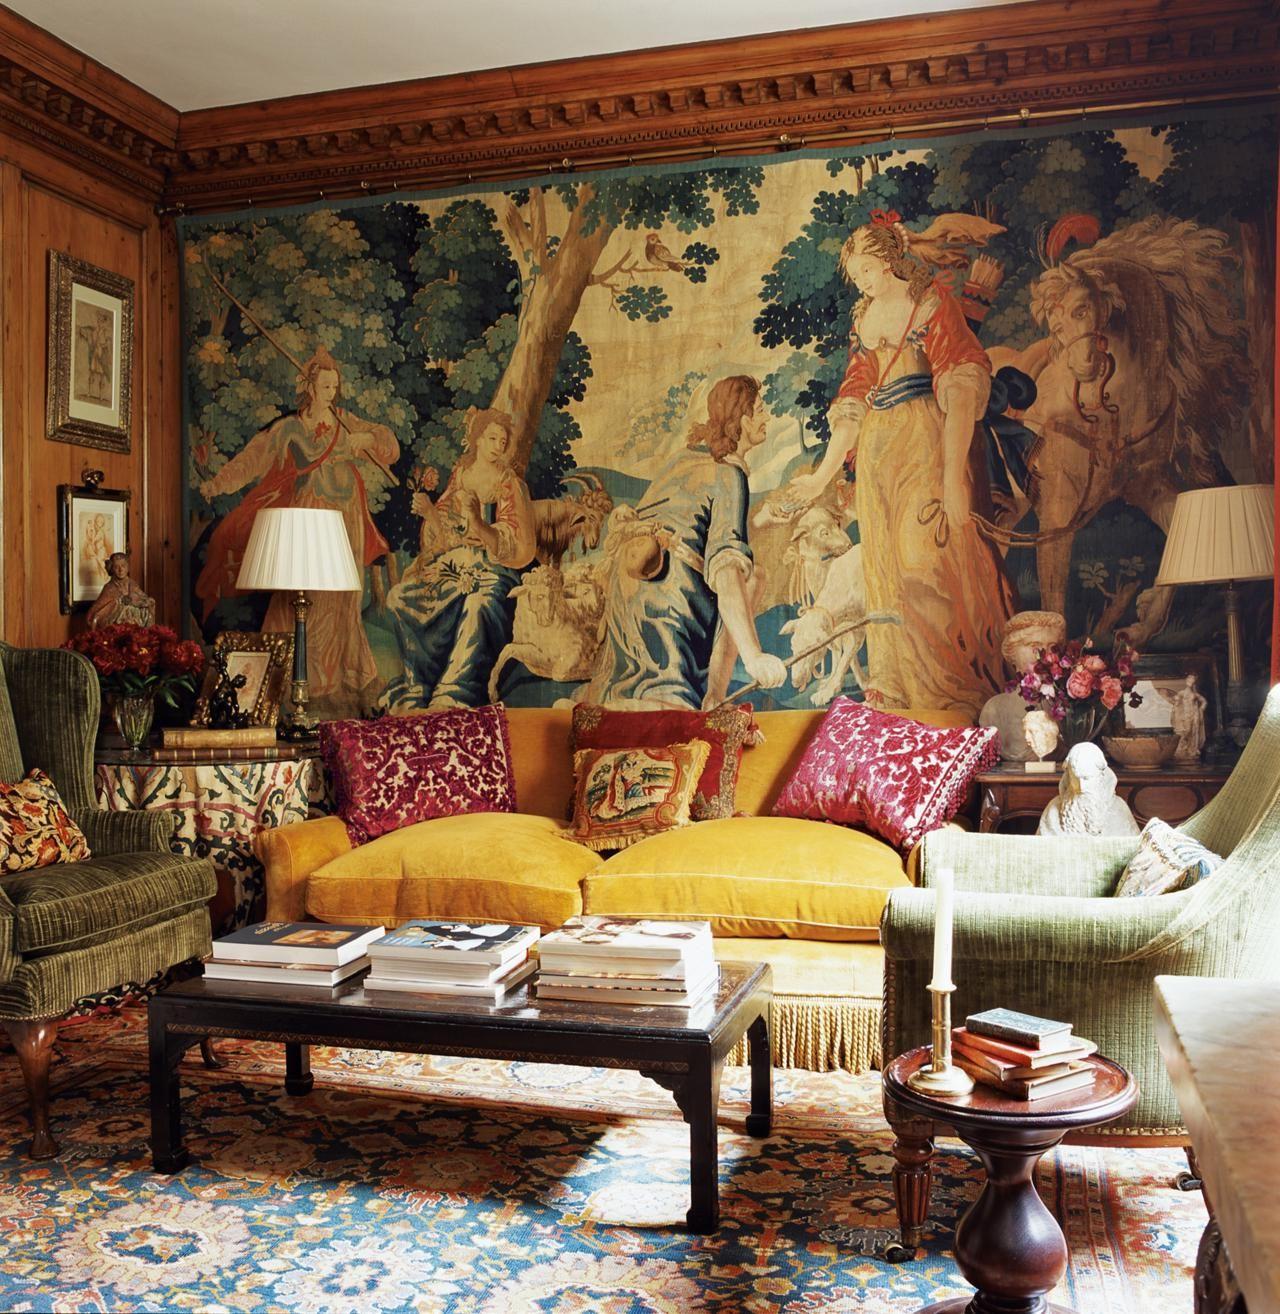 Настенные ковры в современном интерьере 50 фото-идей с коврами на стенах в различных дизайнах